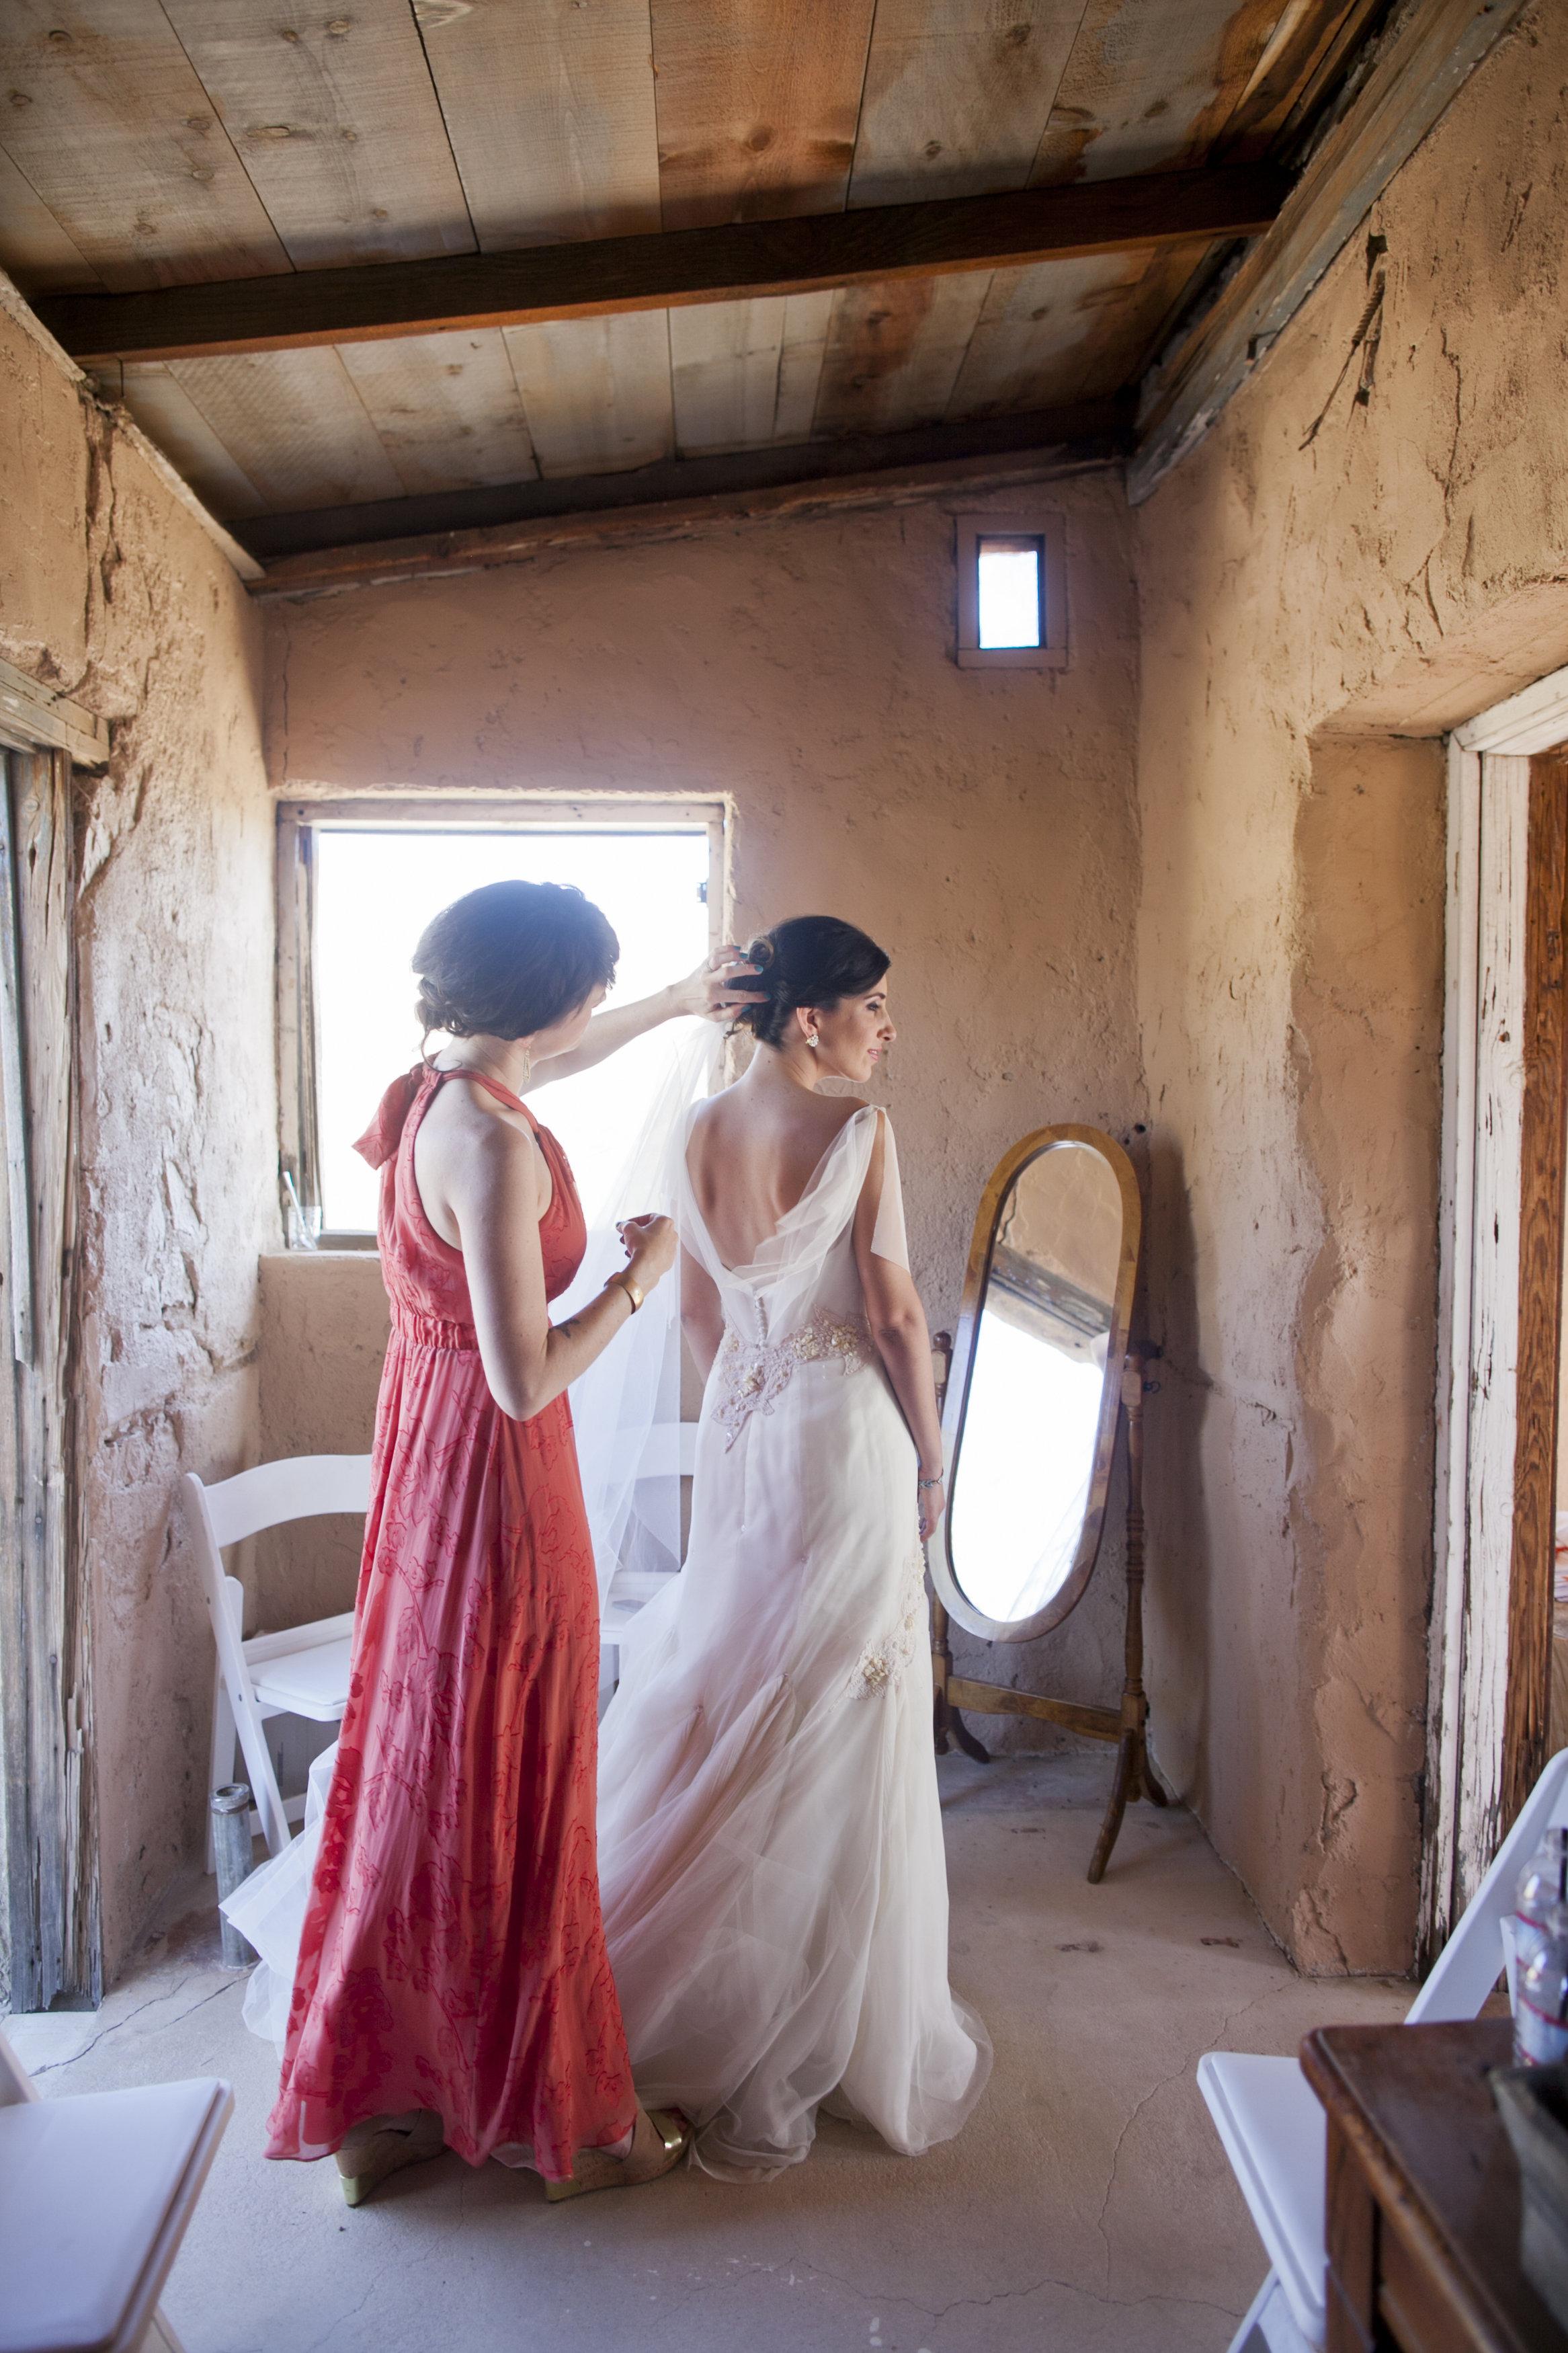 Ceci_New_York_Ceci_Style_Ceci_Johnson_Luxury_Lifestyle_Arizona_Wedding_Watercolor_Inspiration_Design_Custom_Couture_Personalized_Invitations_109.jpg